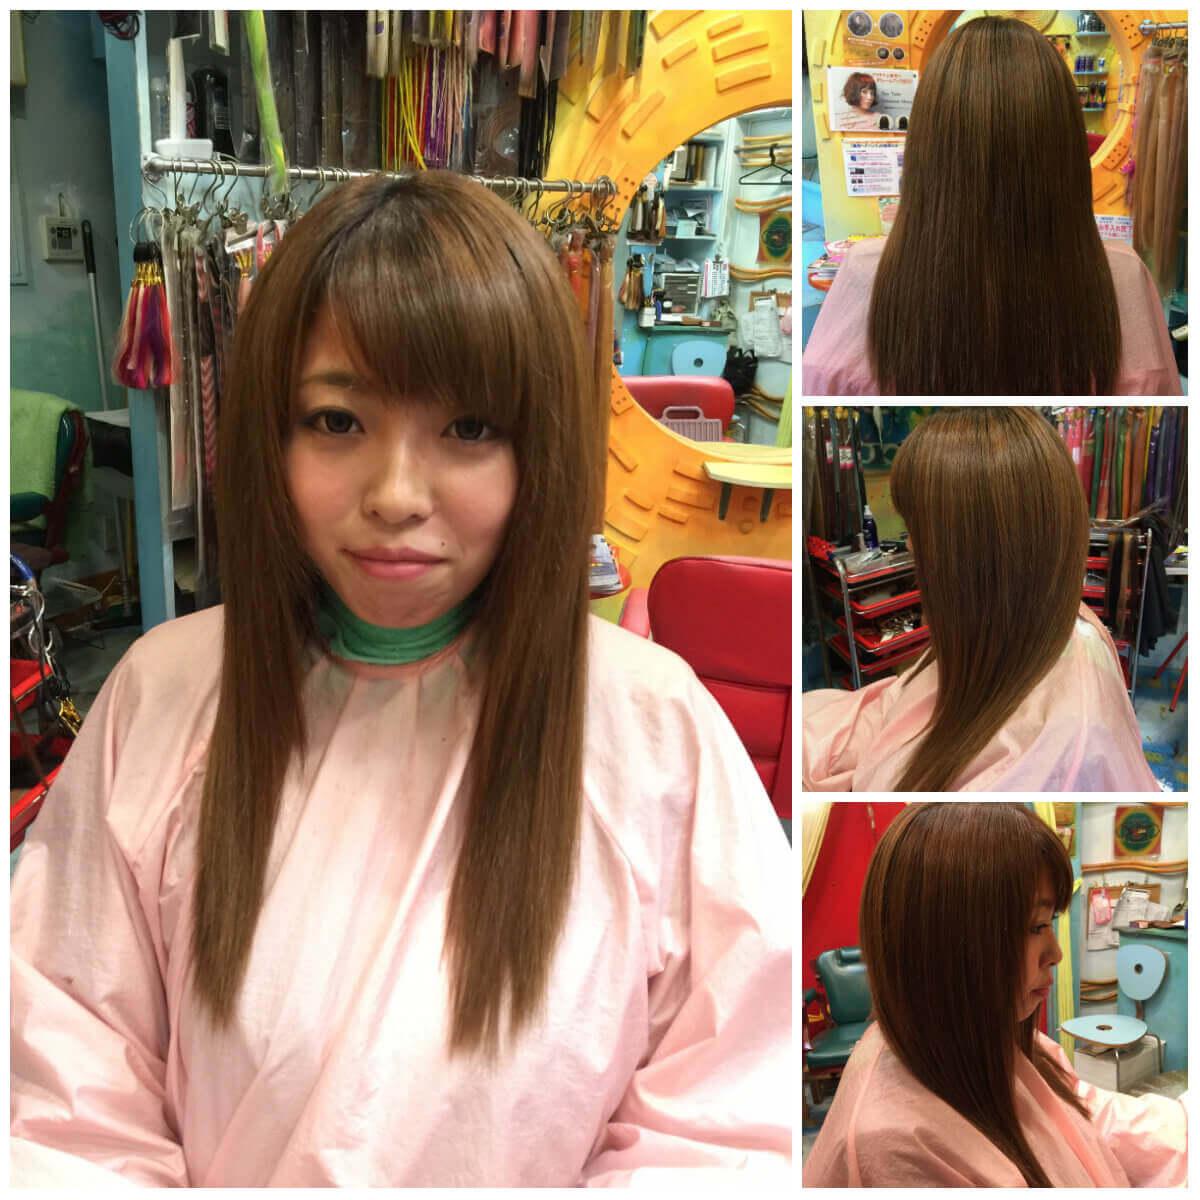 日本一馴染むエクステ専門店セクション Before & After 重めぱっつんボブにエクステ After